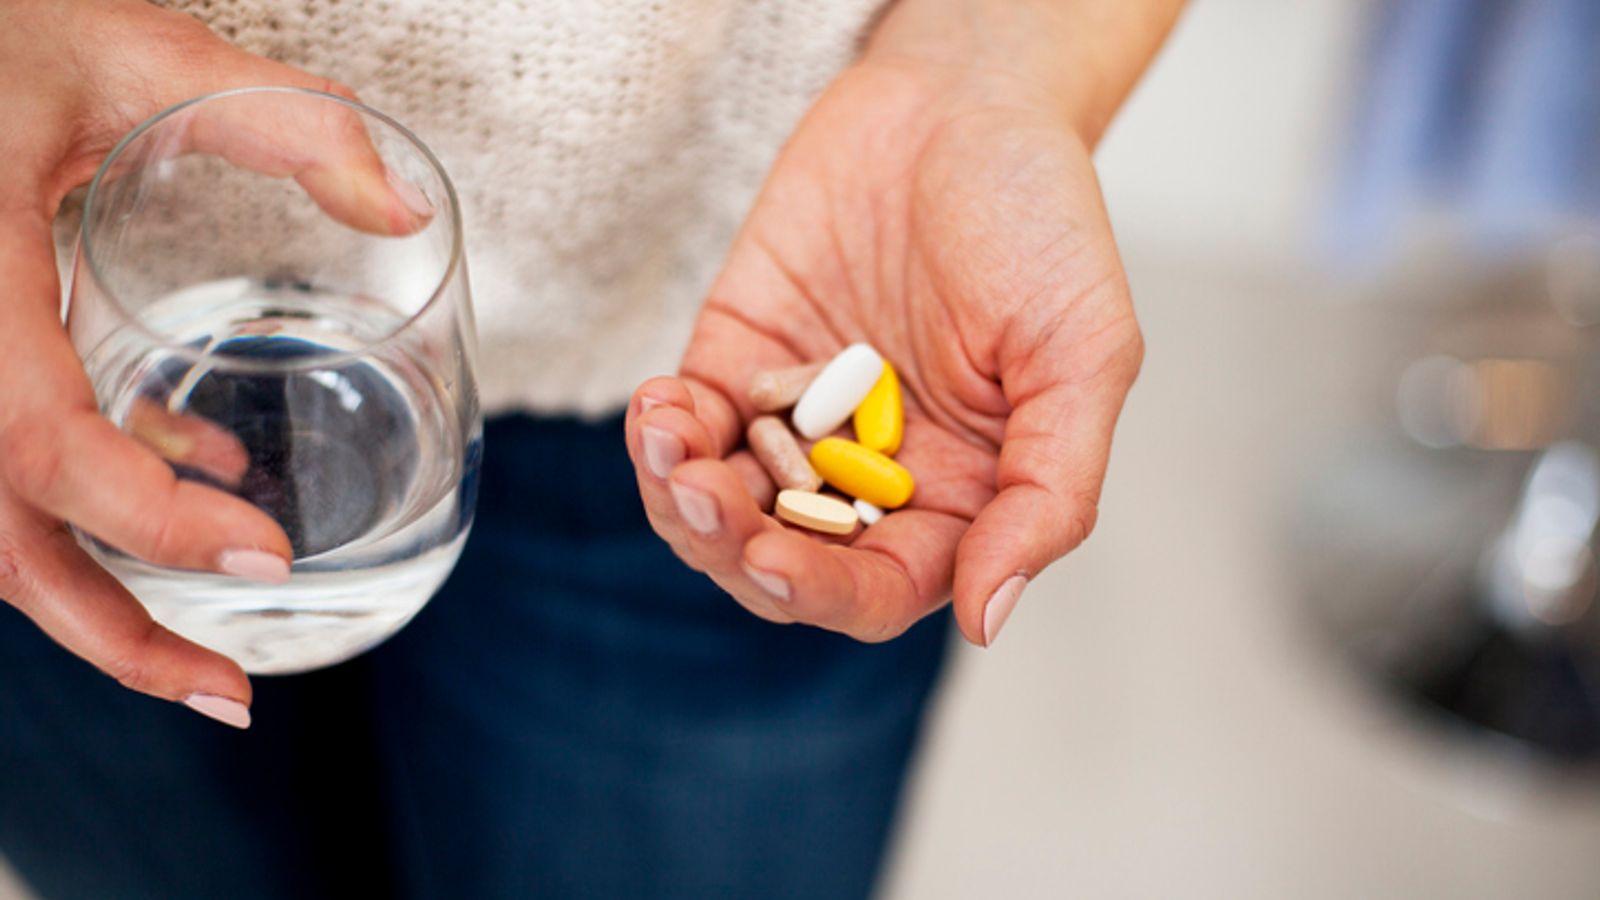 skynews-vitamins-tablets-health_5152666